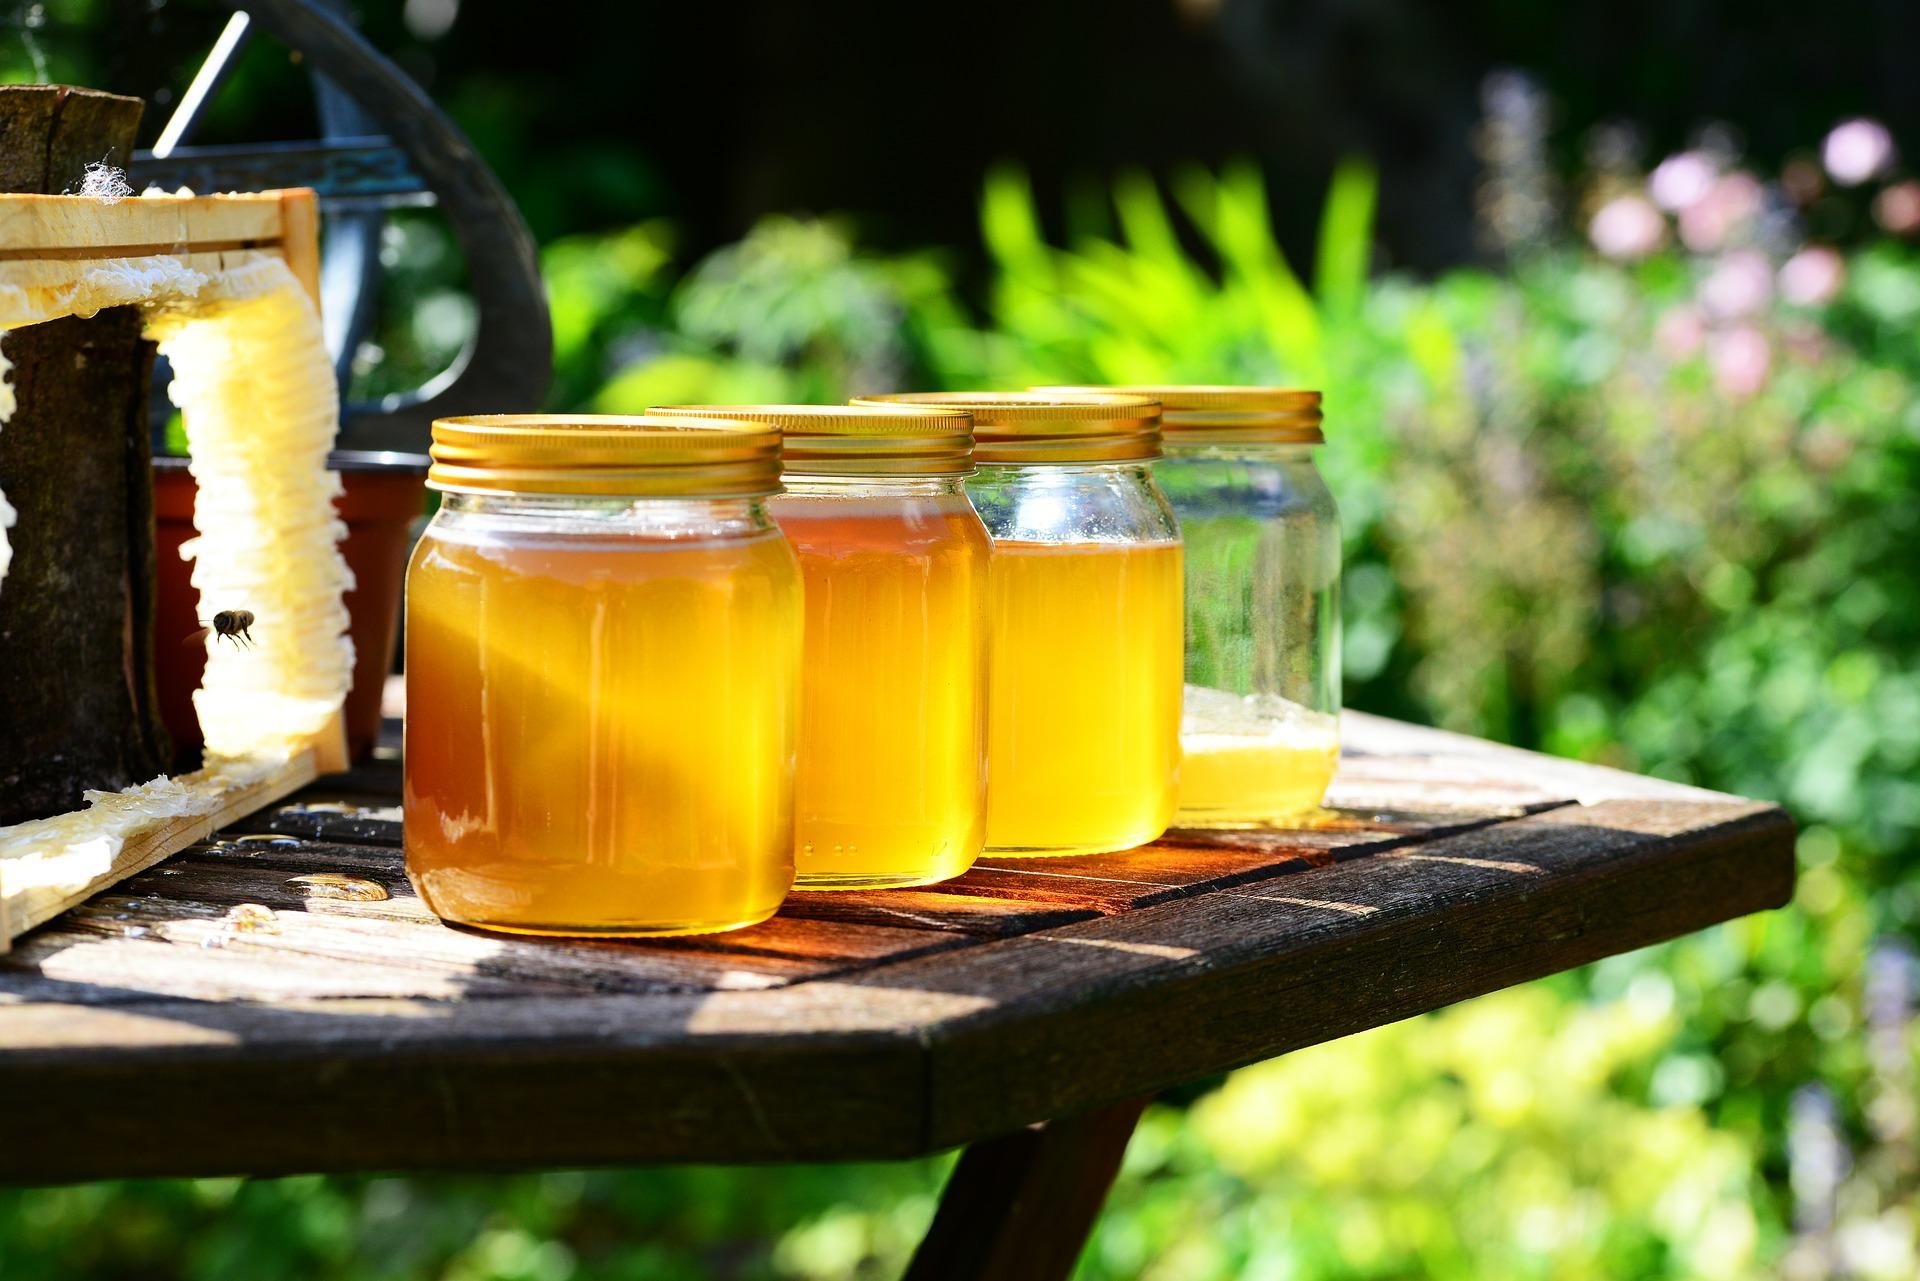 泉發蜂蜜は台湾のはちみつ専門店!コスメや石鹸はお土産にもおすすめ!